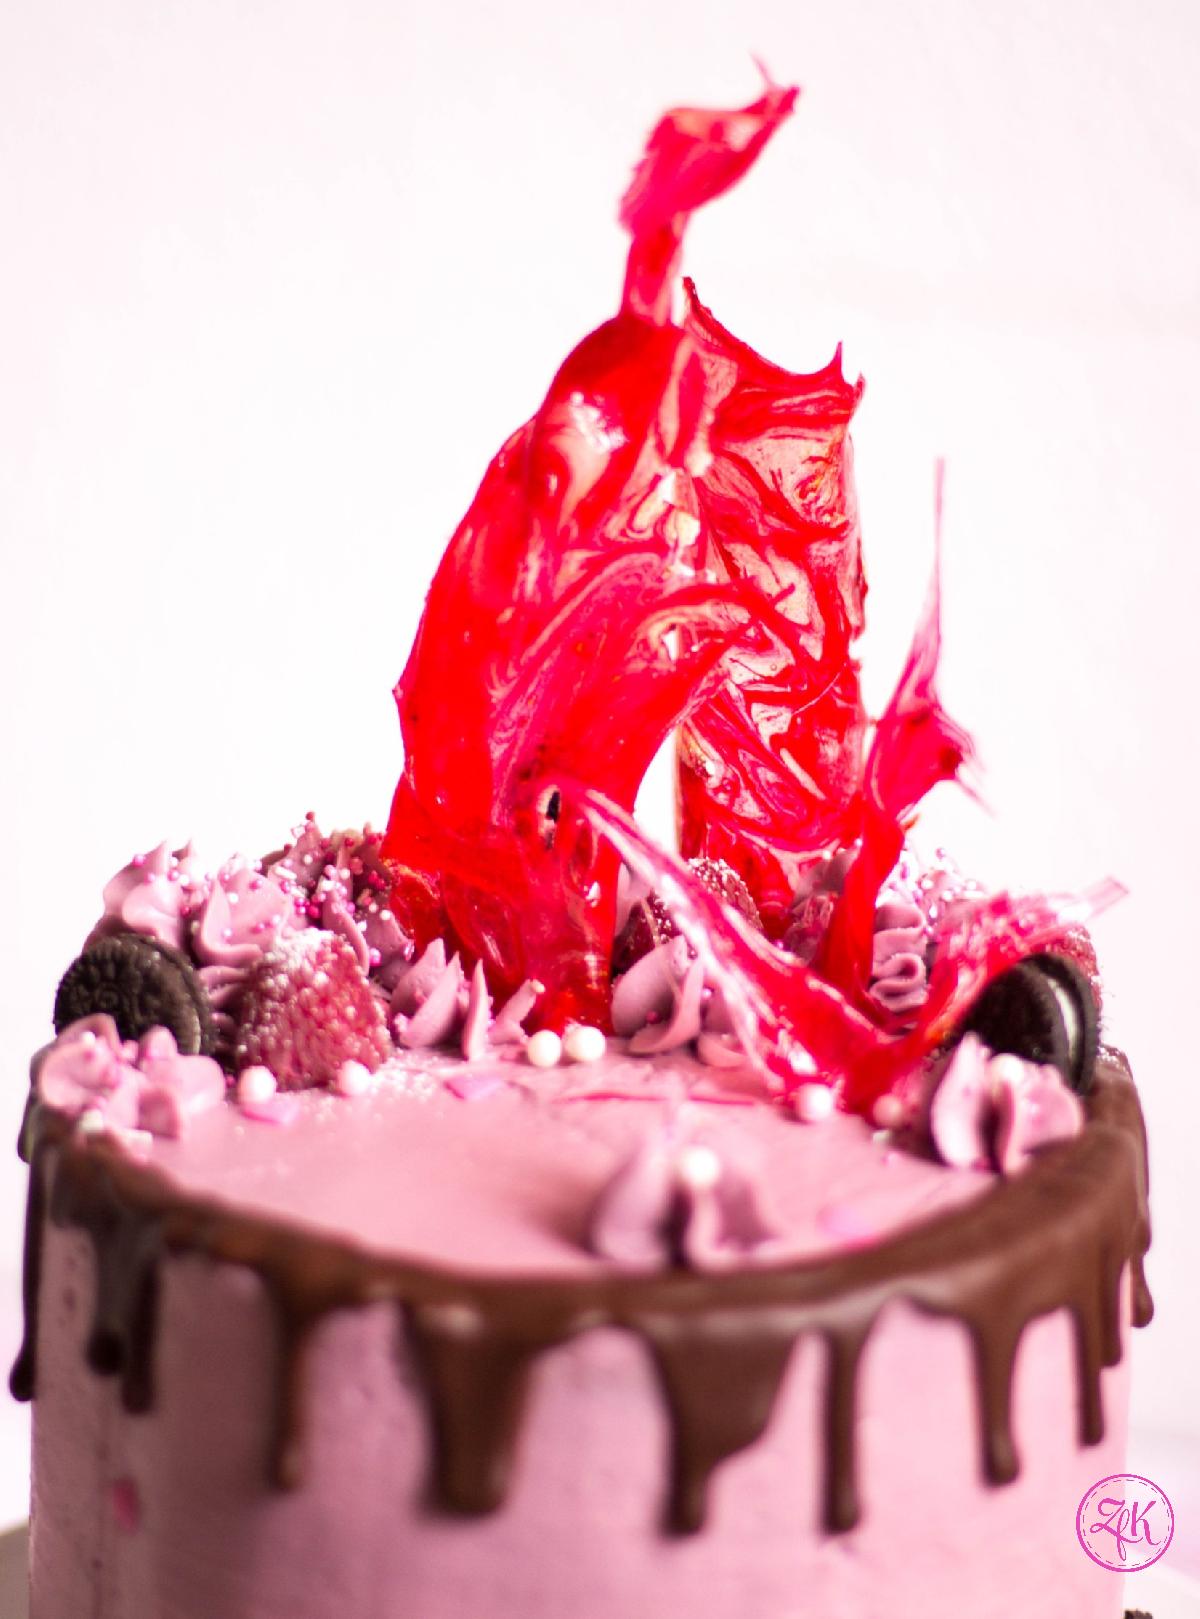 Ein zarter Rand aus Schokolade